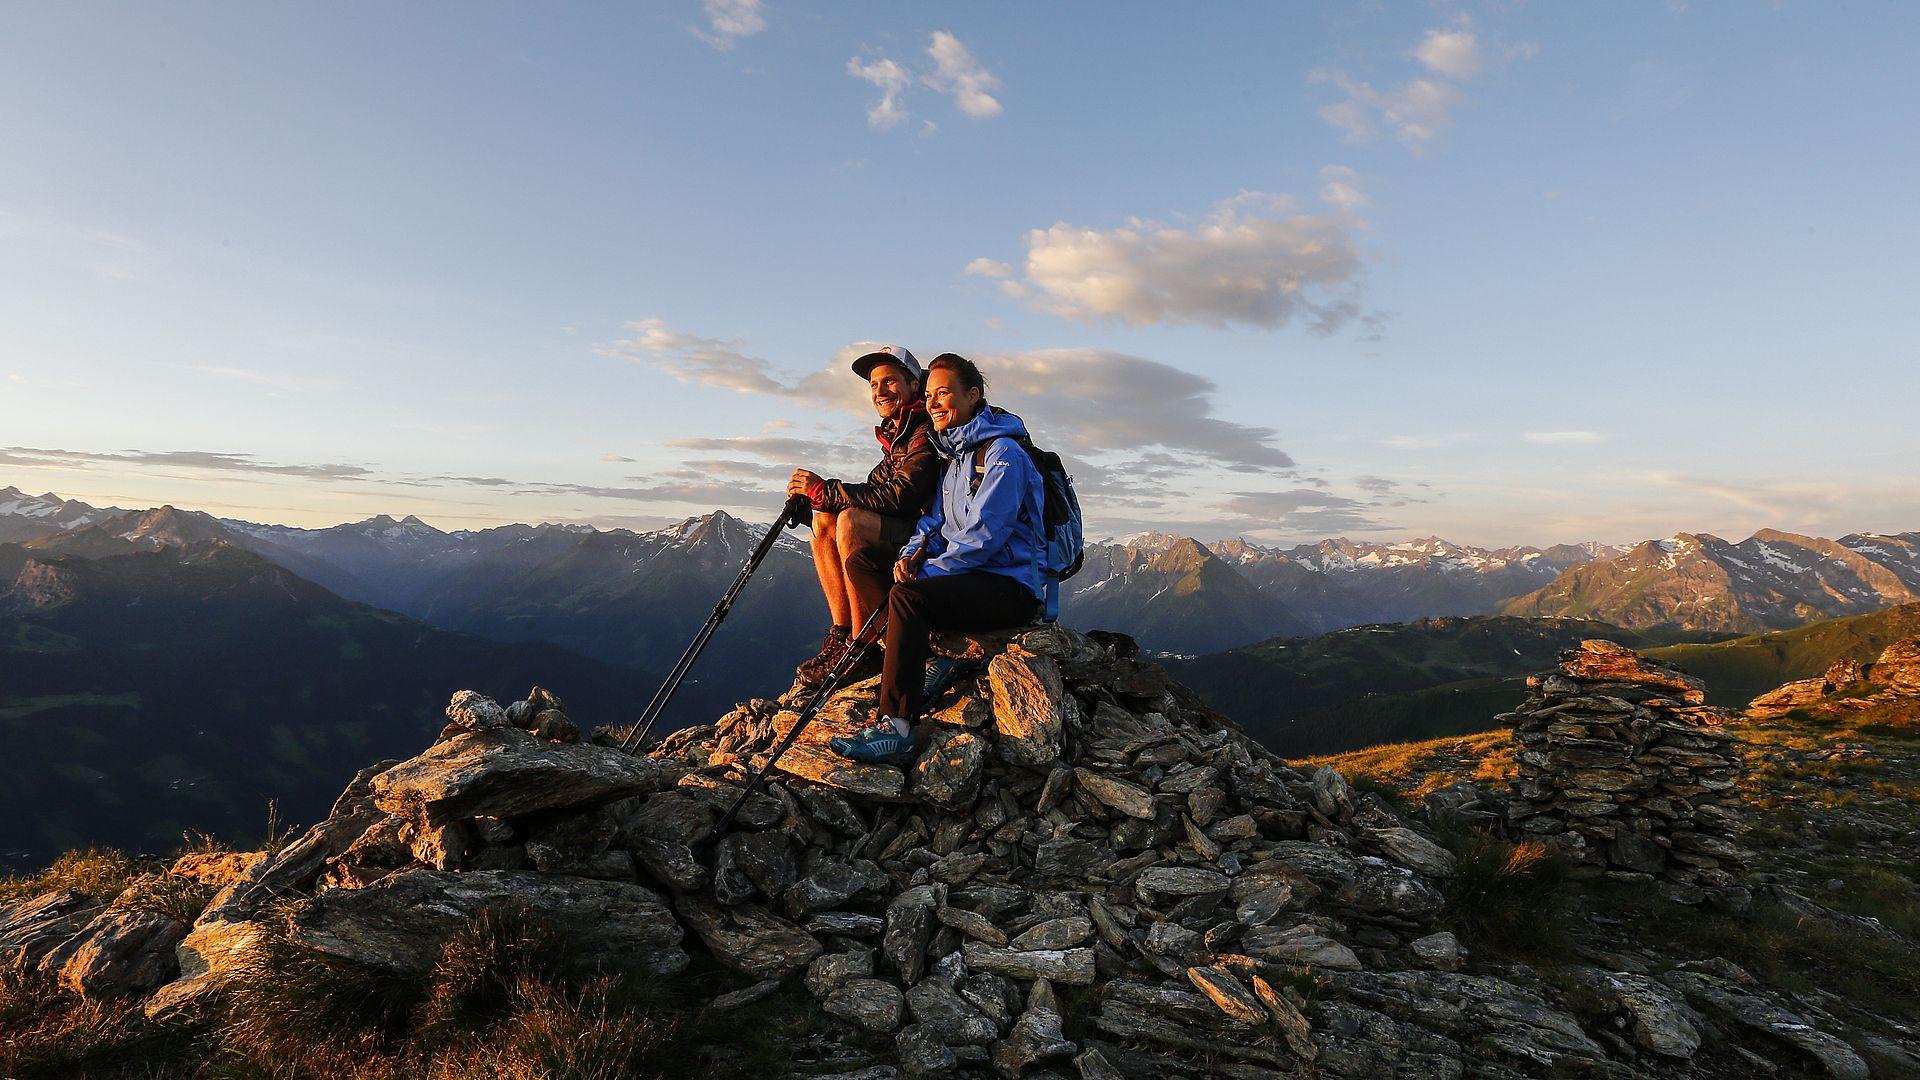 Kletterausrüstung Zillertal : Klettern apart herzblut